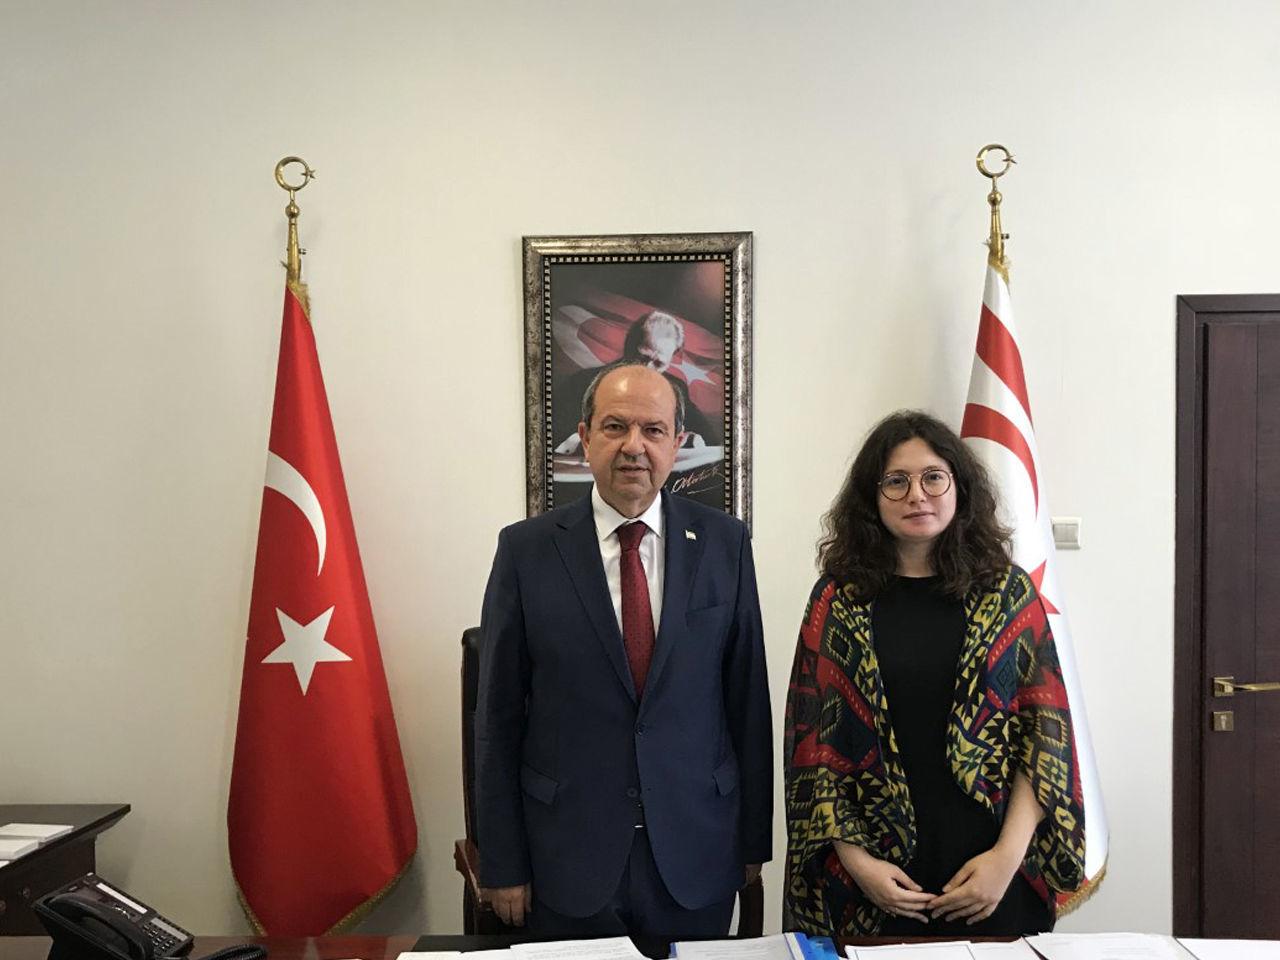 Kuzey Kıbrıs Başbakanı Ersin Tatar Sputnik'in sorularını yanıtladı.